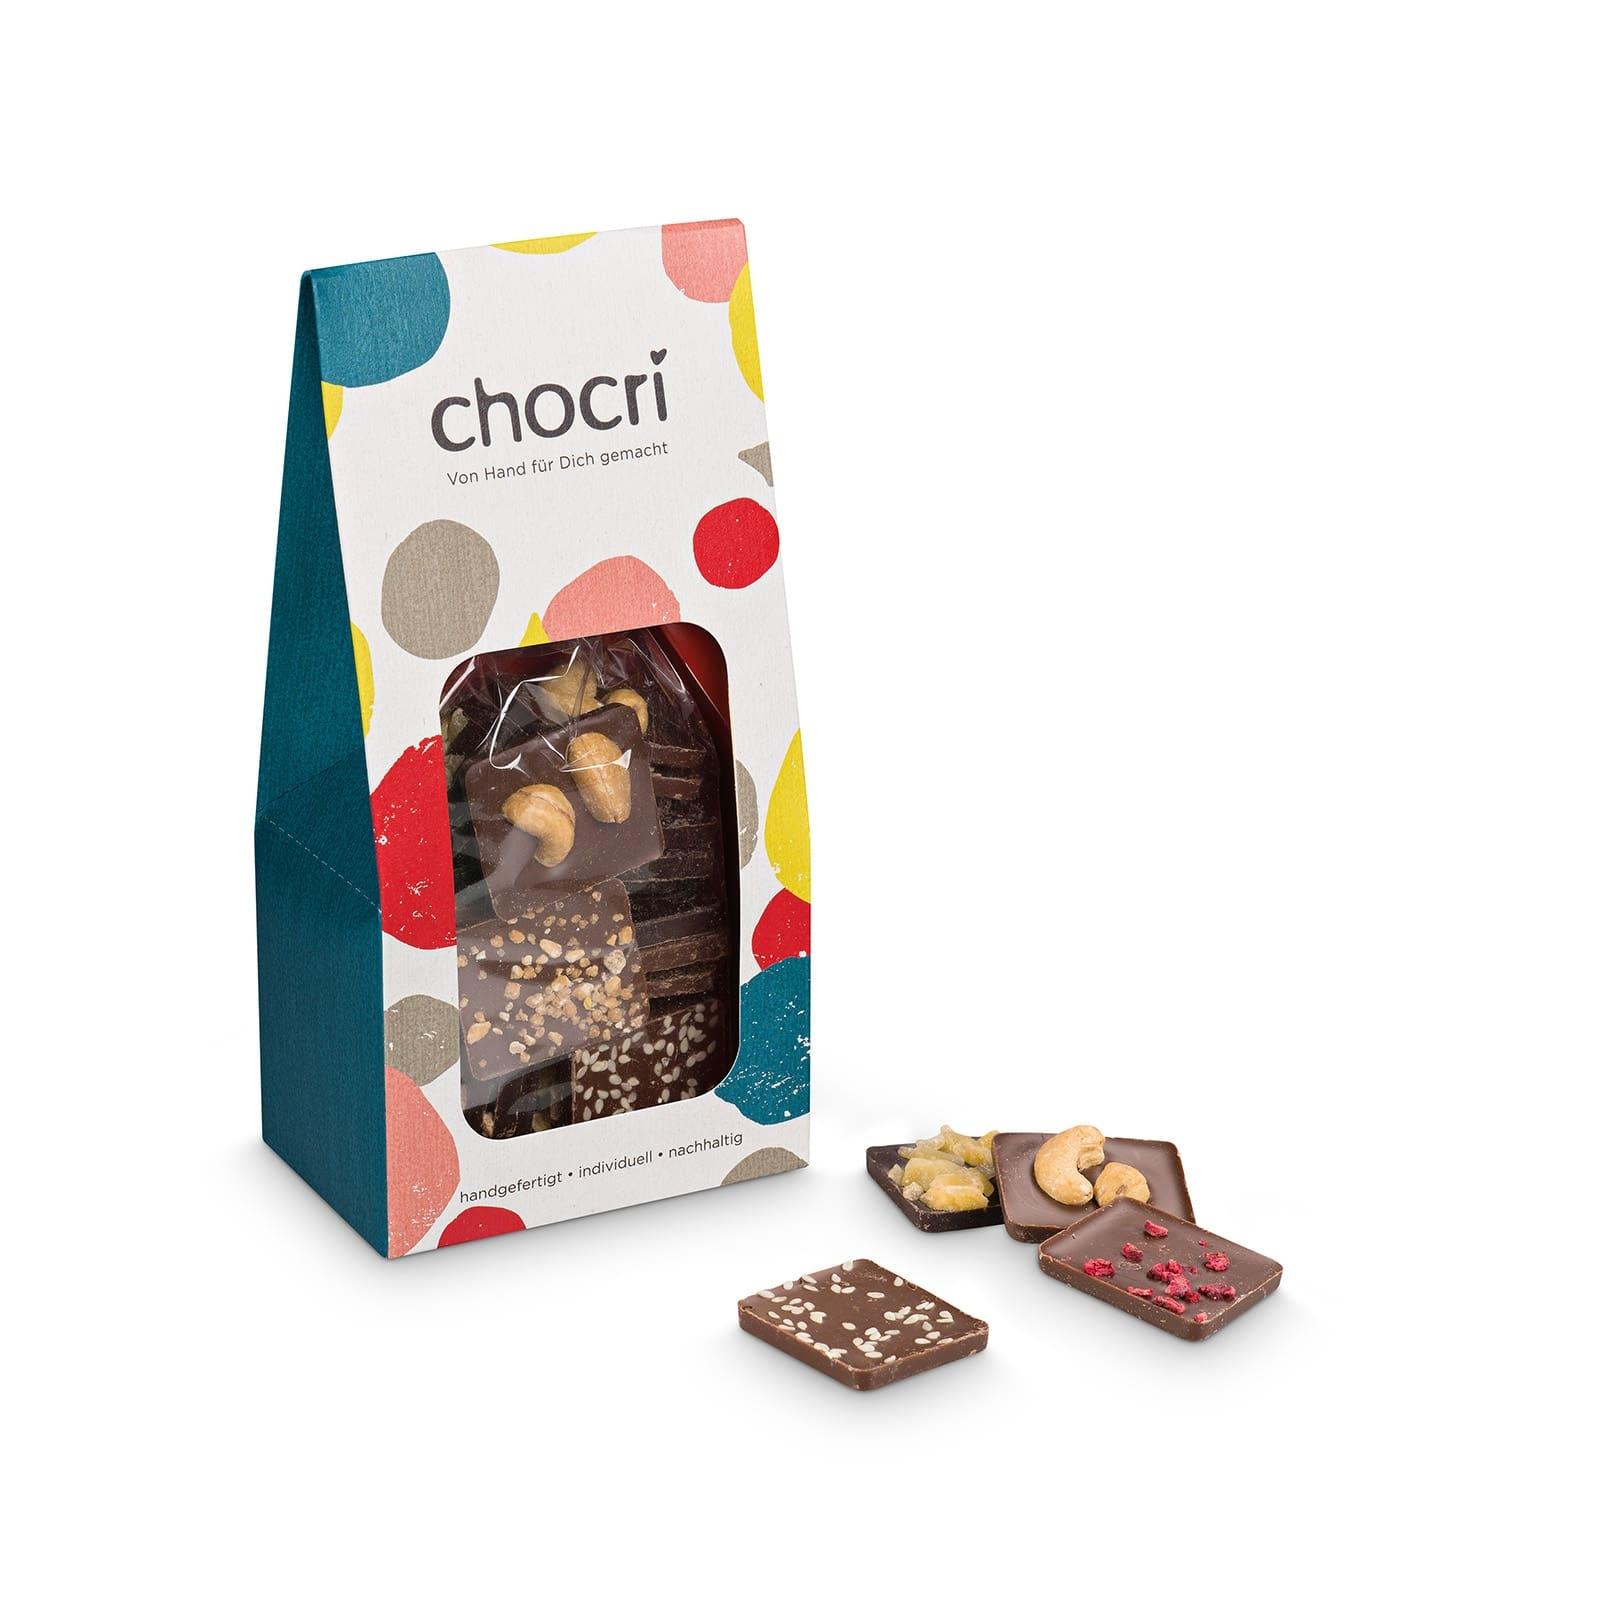 chocri 'Vollmilch, Zartbitter & Weiß' Mini-Bruchschokolade